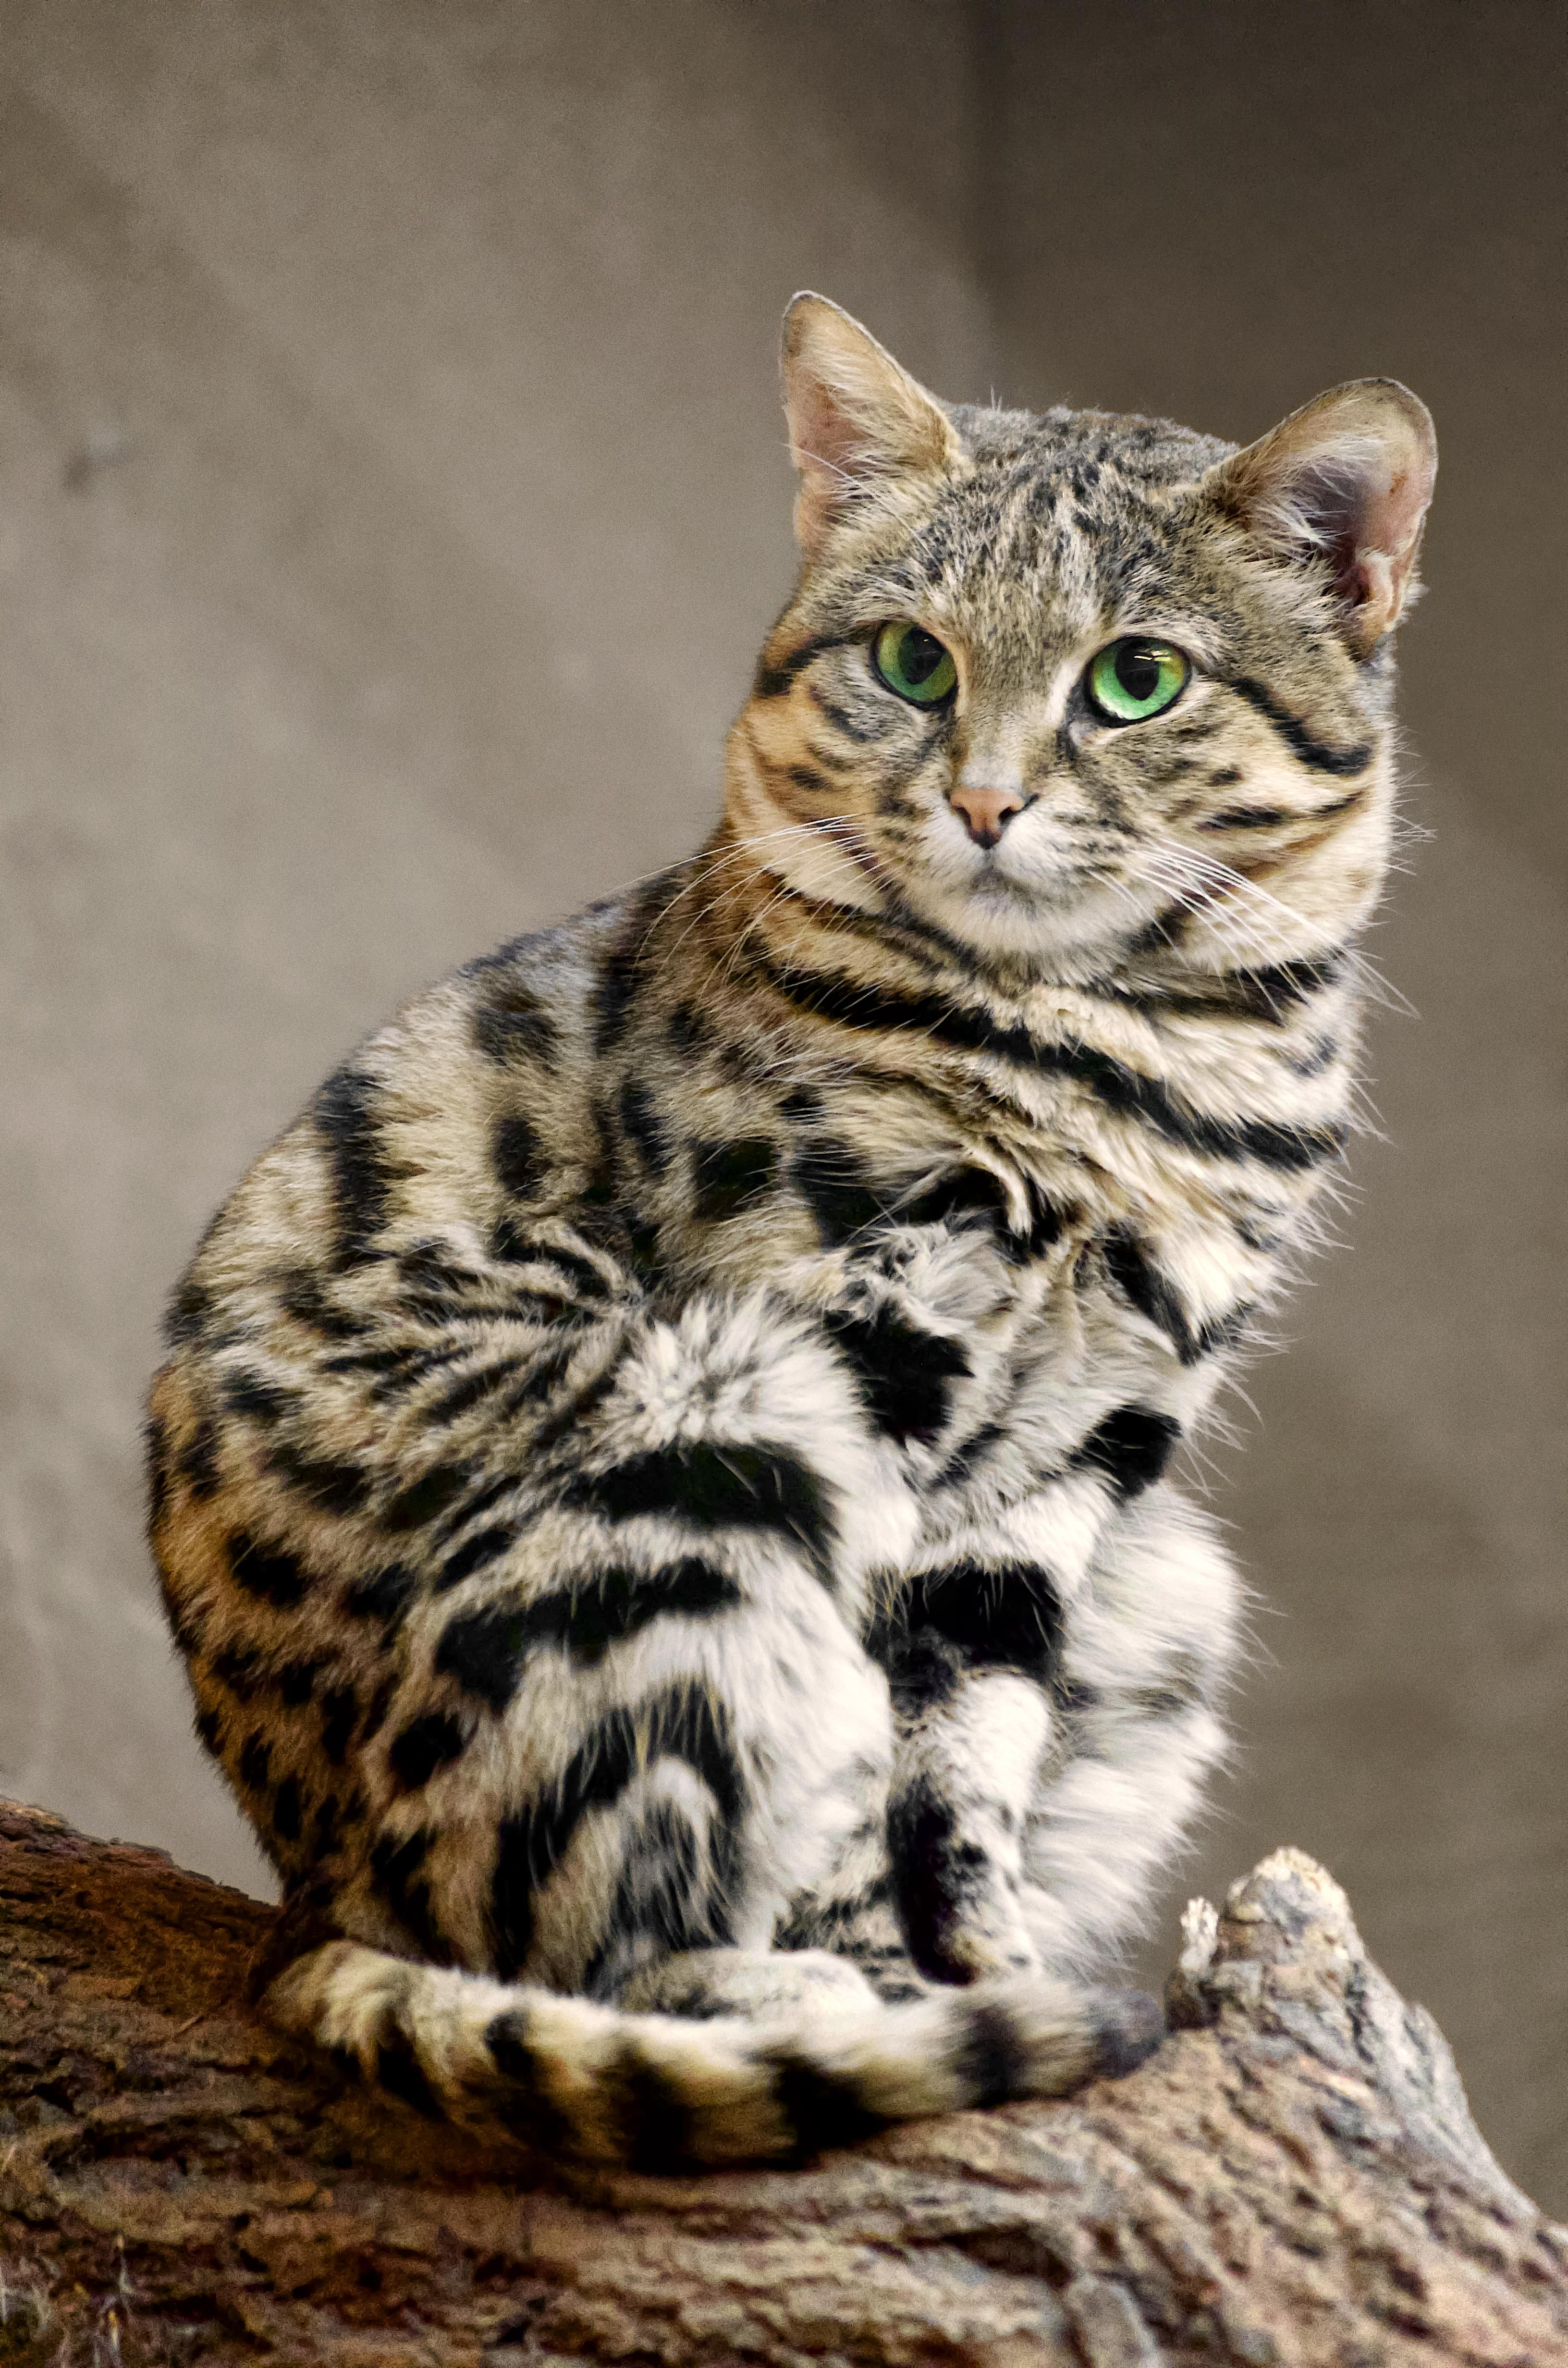 Wild Blackfooted Cat Kitten Animals Nature Photography African Wild Cat Black Footed Cat African Cats